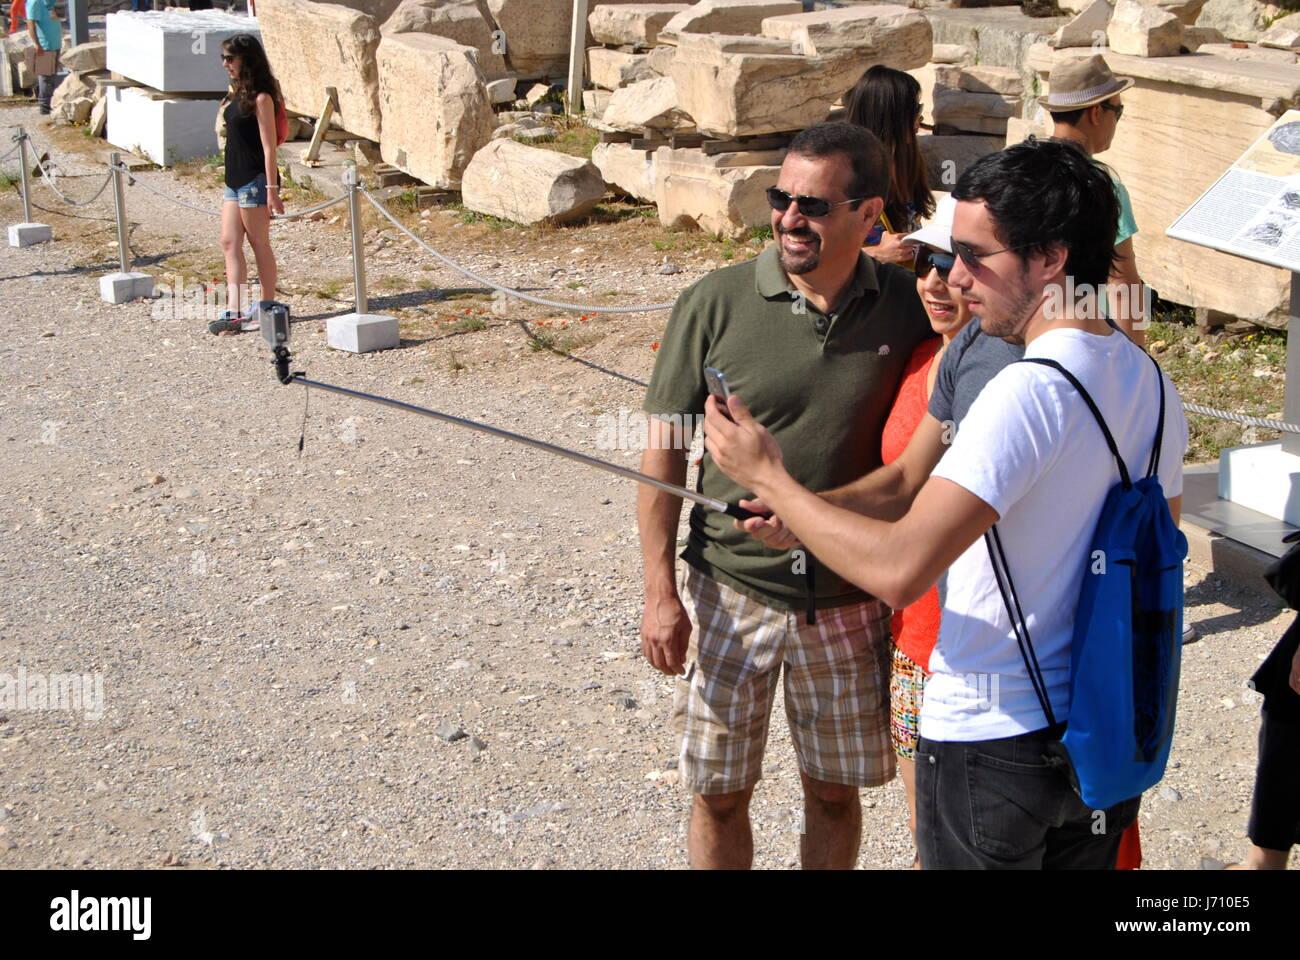 Les gens avec des bâtons Selfies, Acropole, Athènes, Grèce Photo Stock